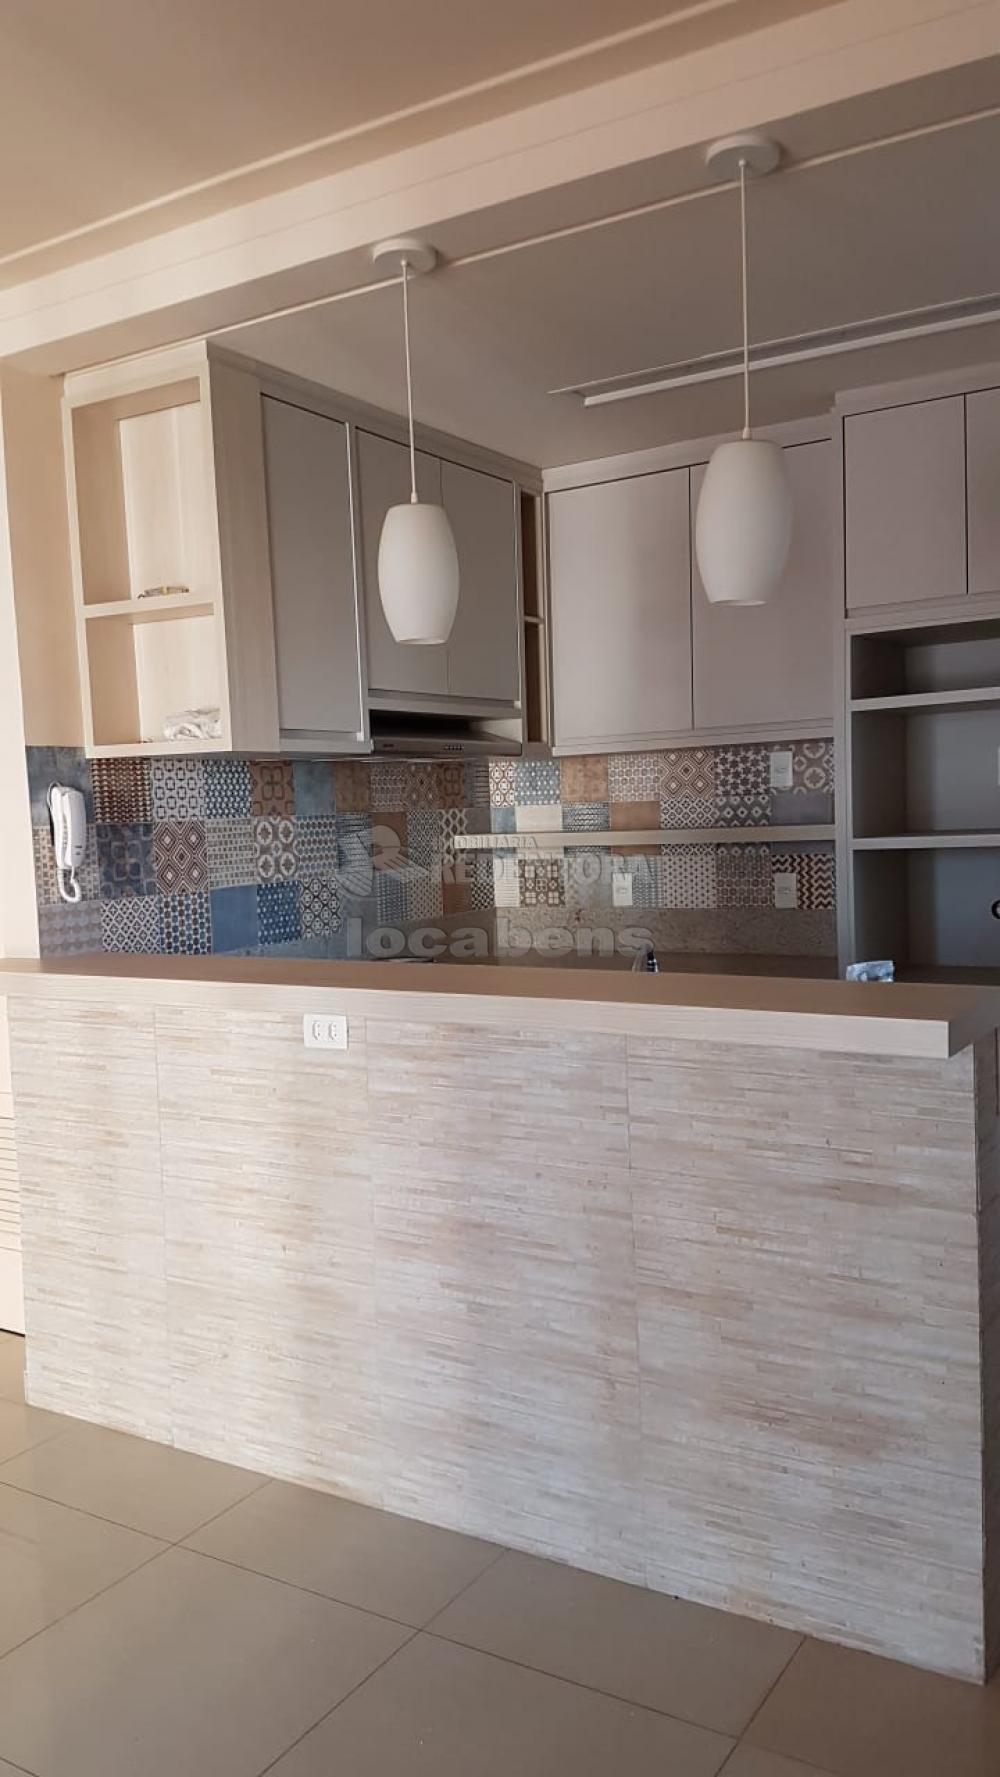 Alugar Apartamento / Padrão em São José do Rio Preto apenas R$ 1.800,00 - Foto 11